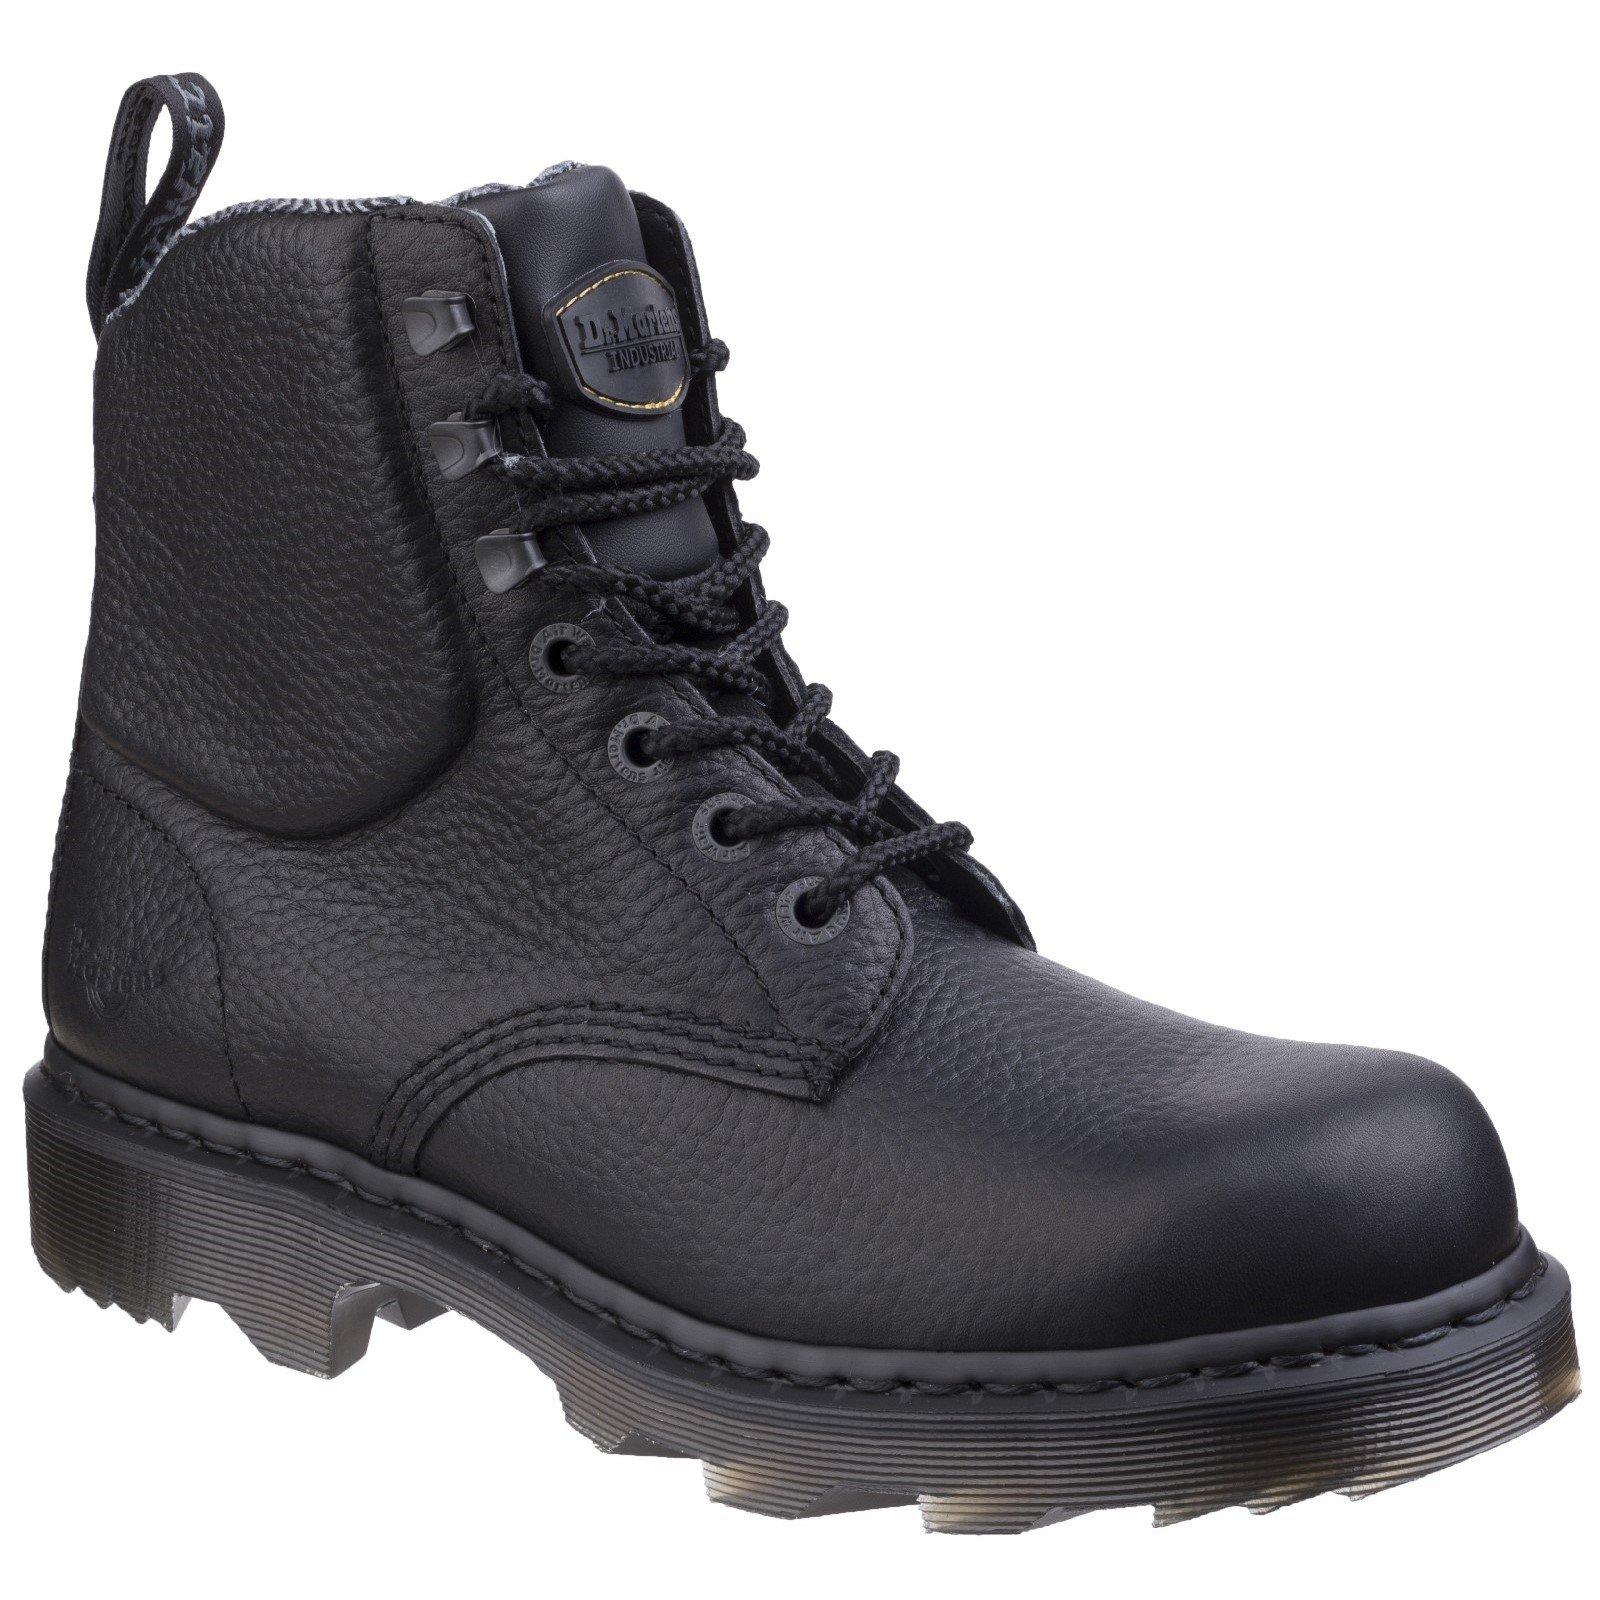 Dr Martens Unisex Calshott Service Boot Black 26024-43394 - Black 13